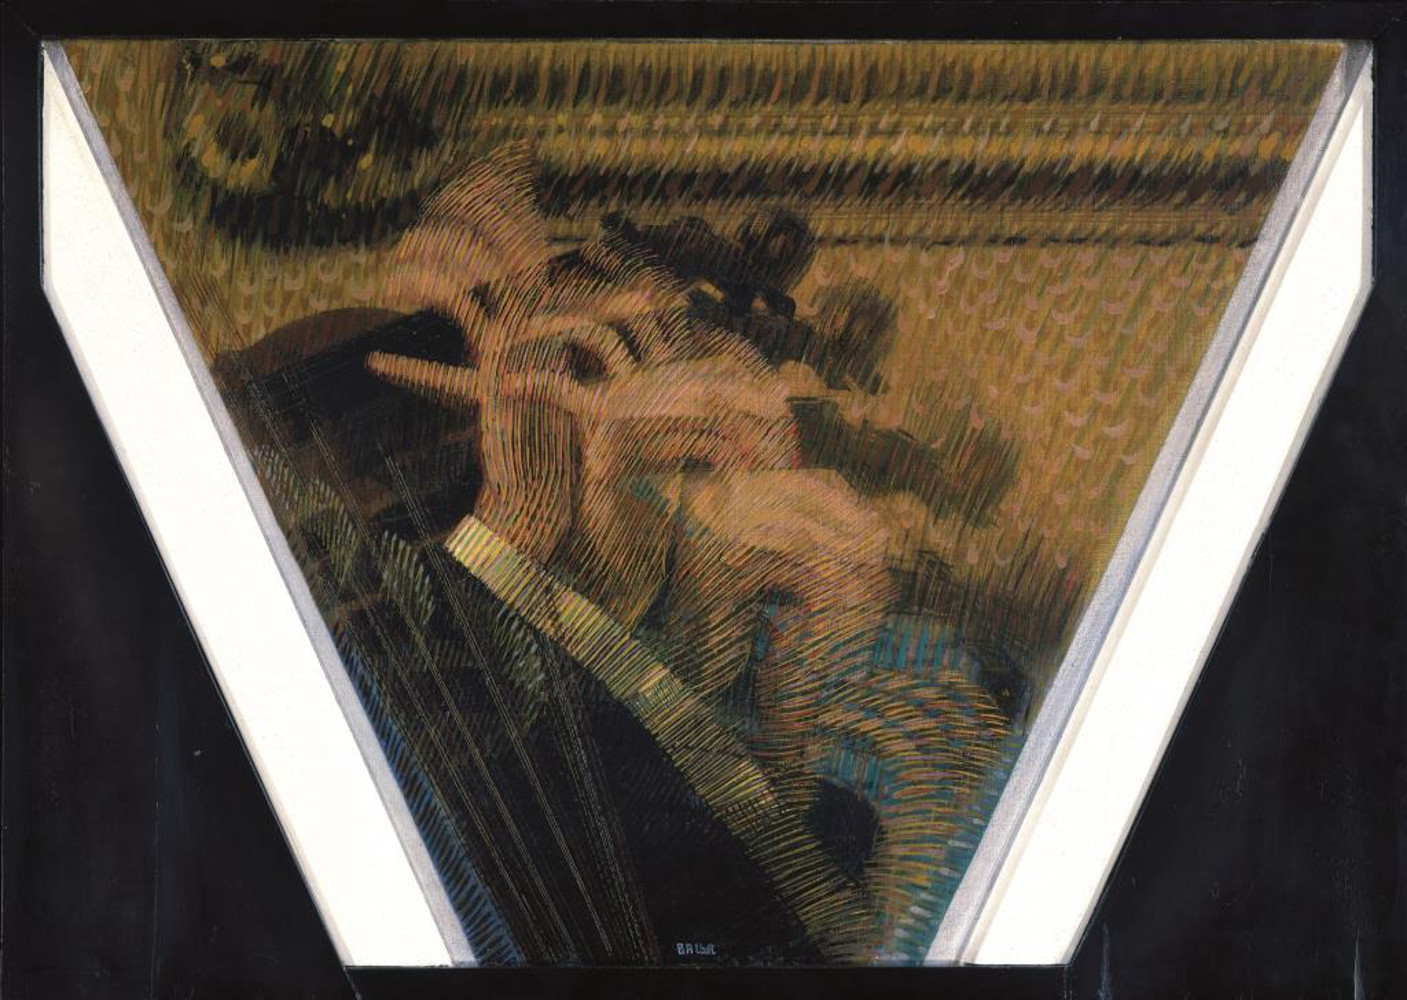 Nella casa del pittore Giacomo Balla arrivavano, intorno al 1905, artisti di ogni paese